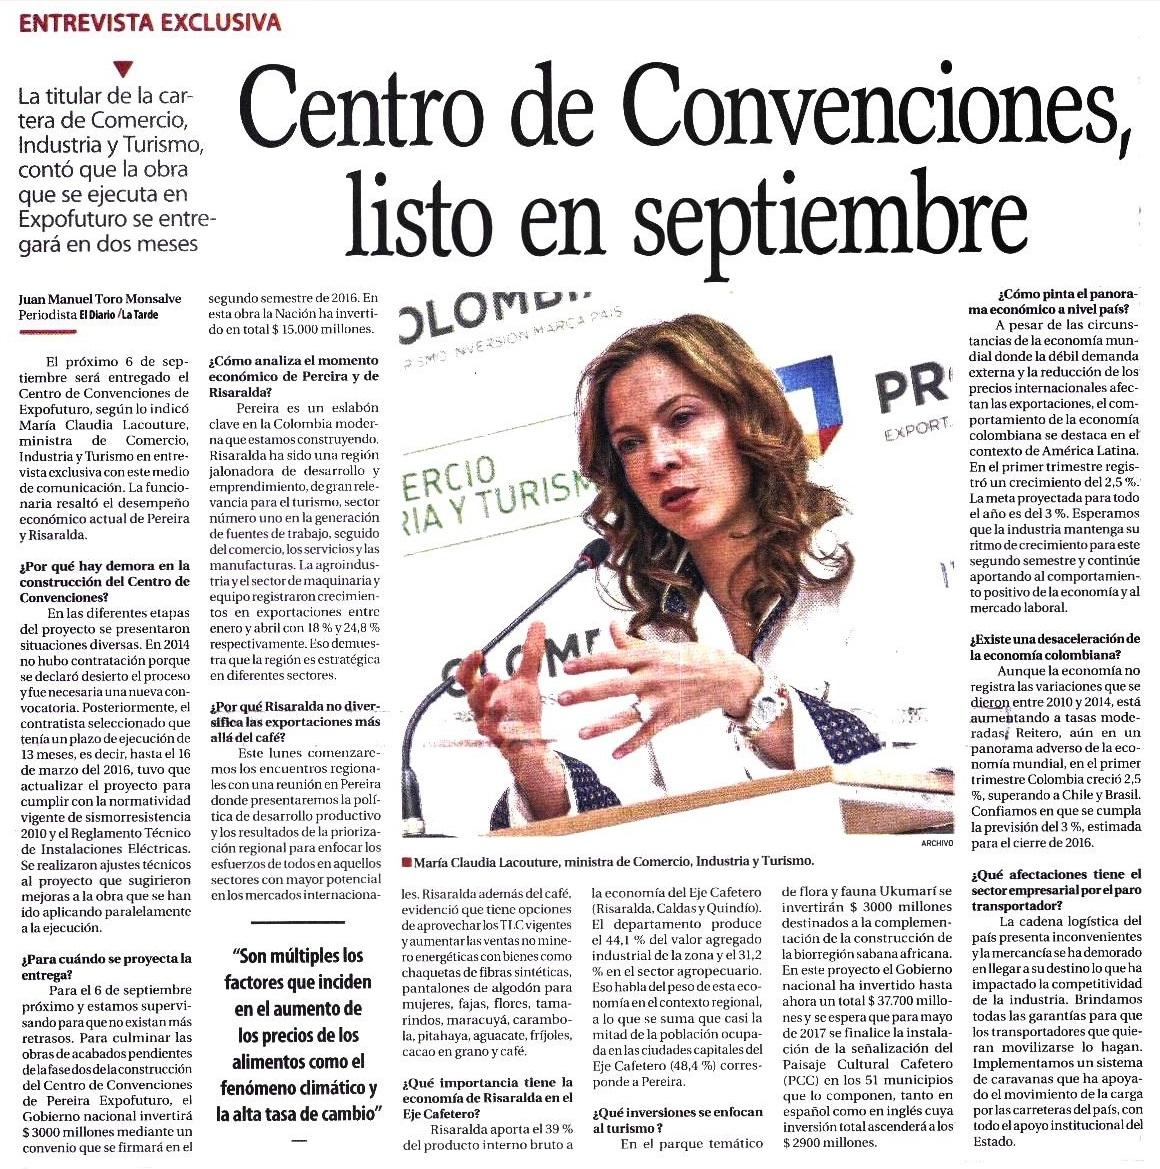 Centro de Convenciones, listo en septiembre